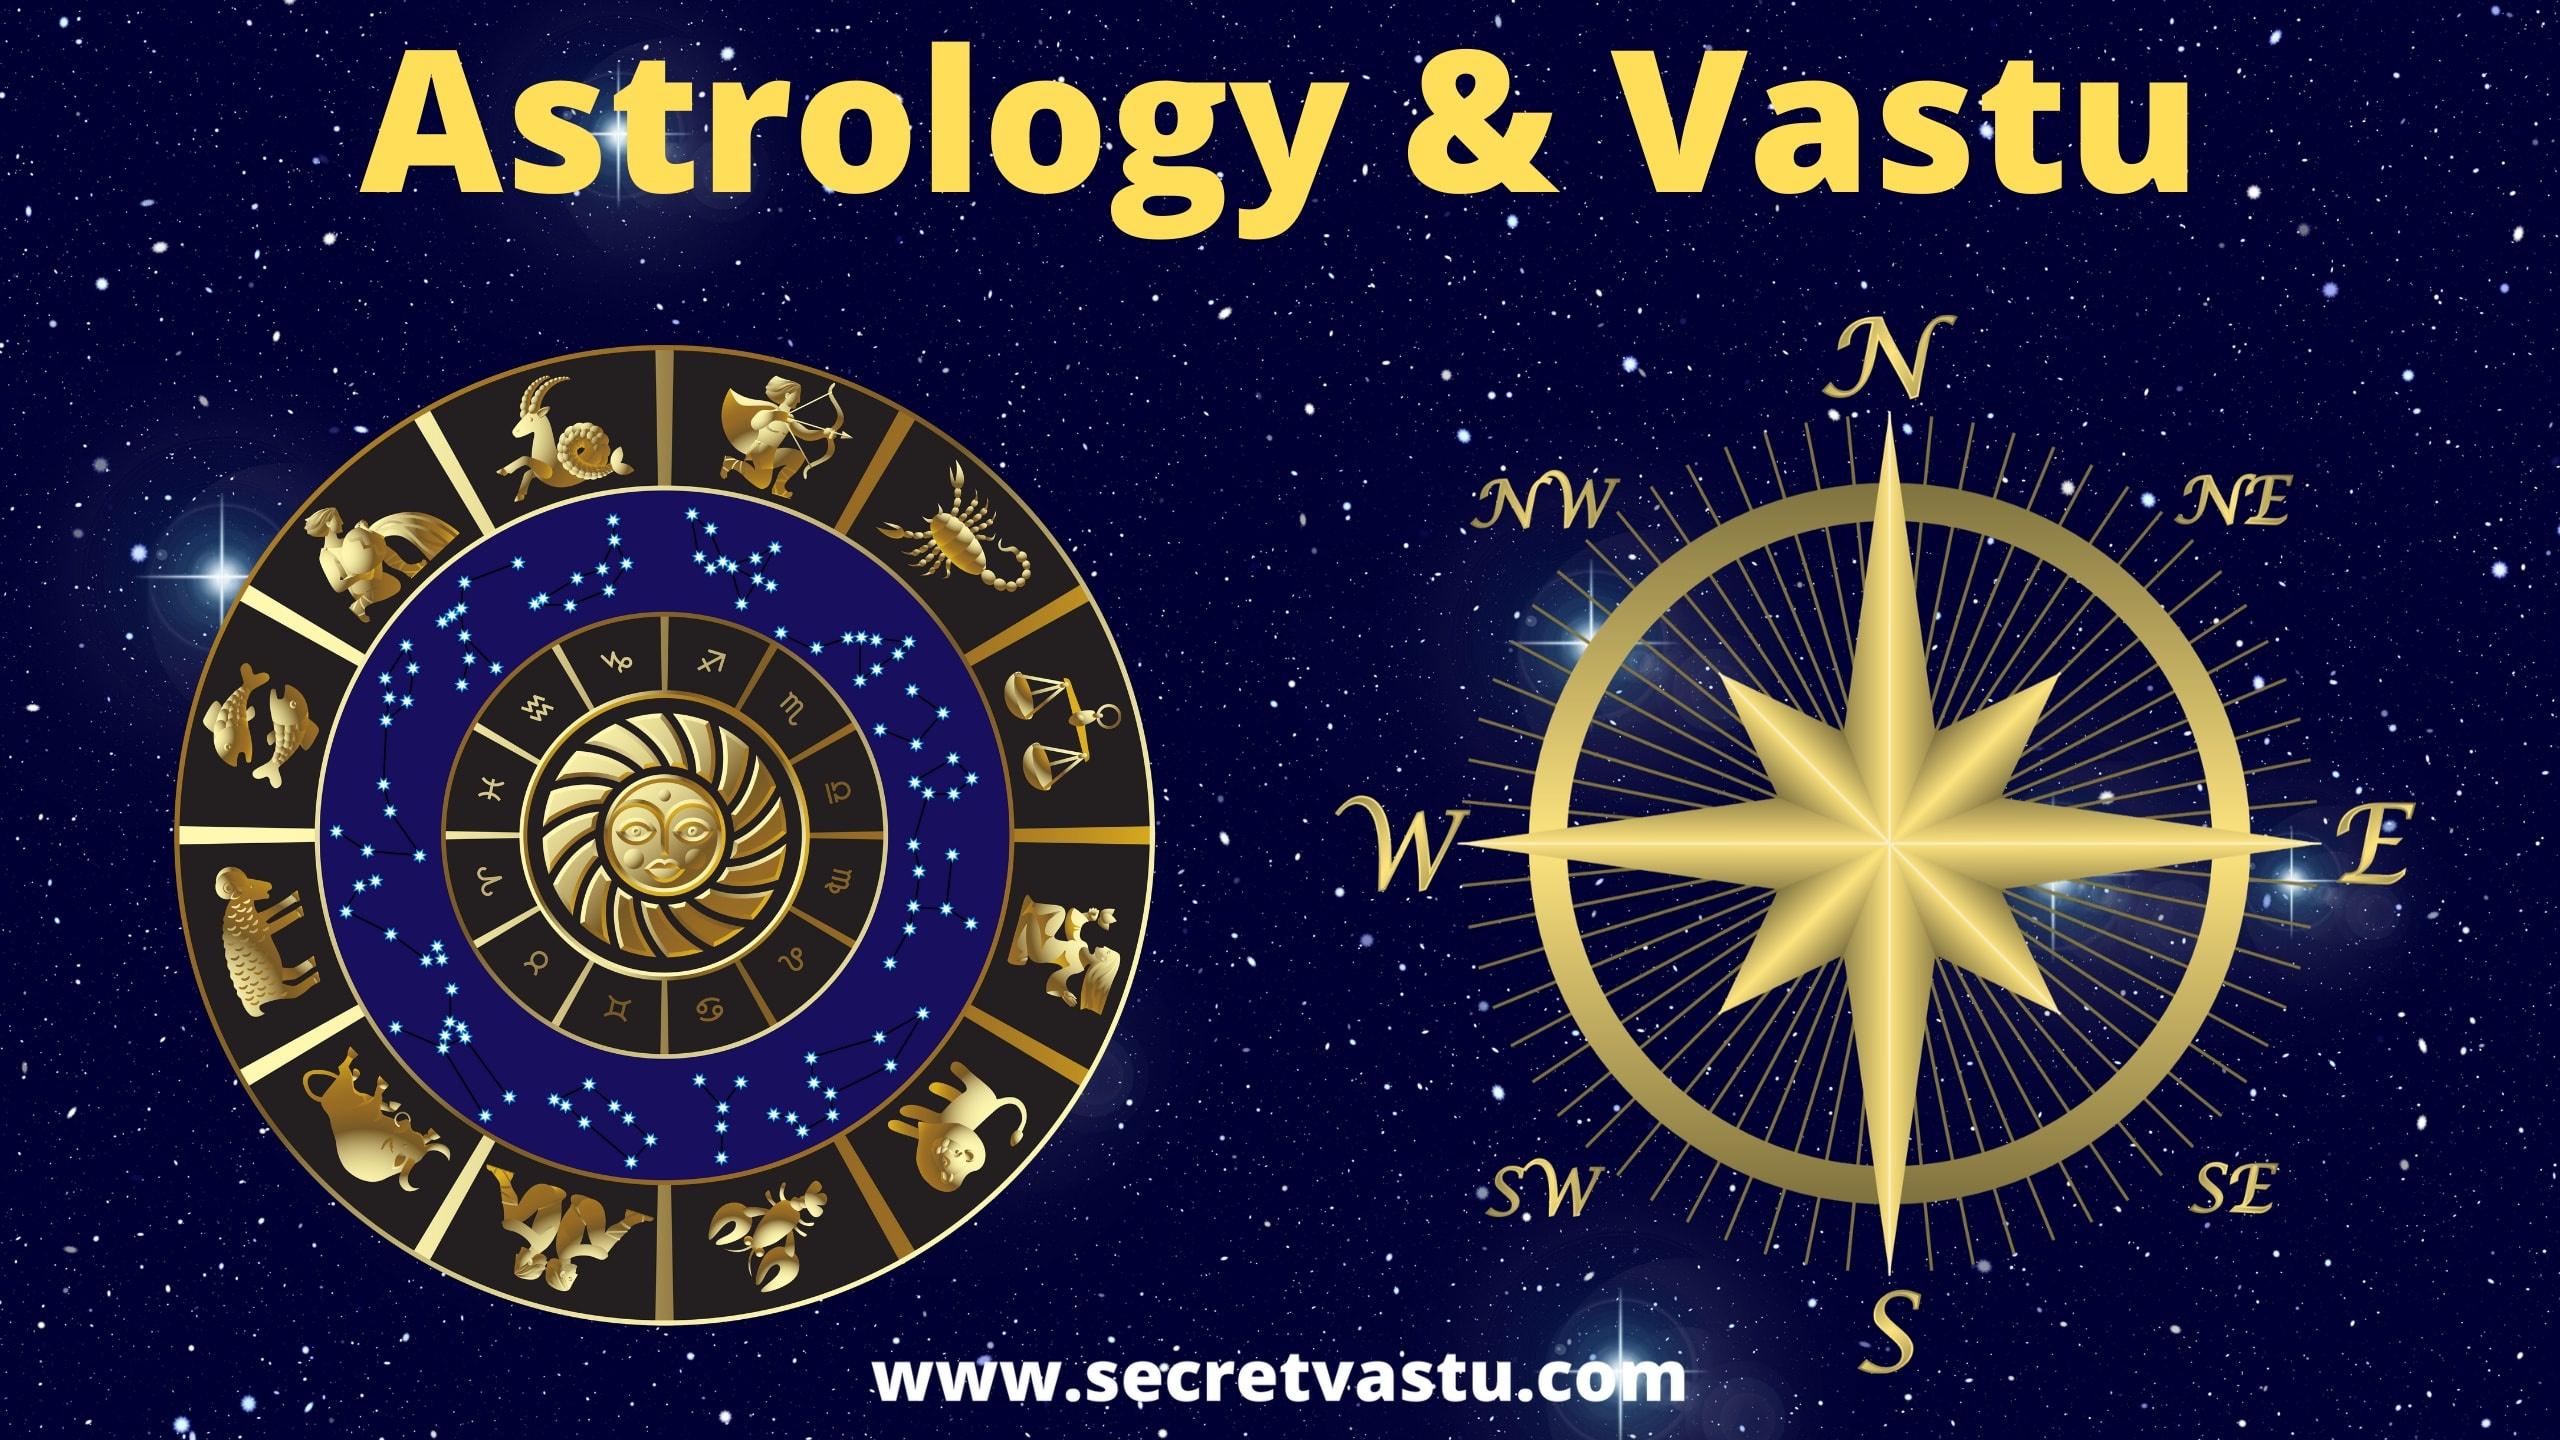 vastu and astrology